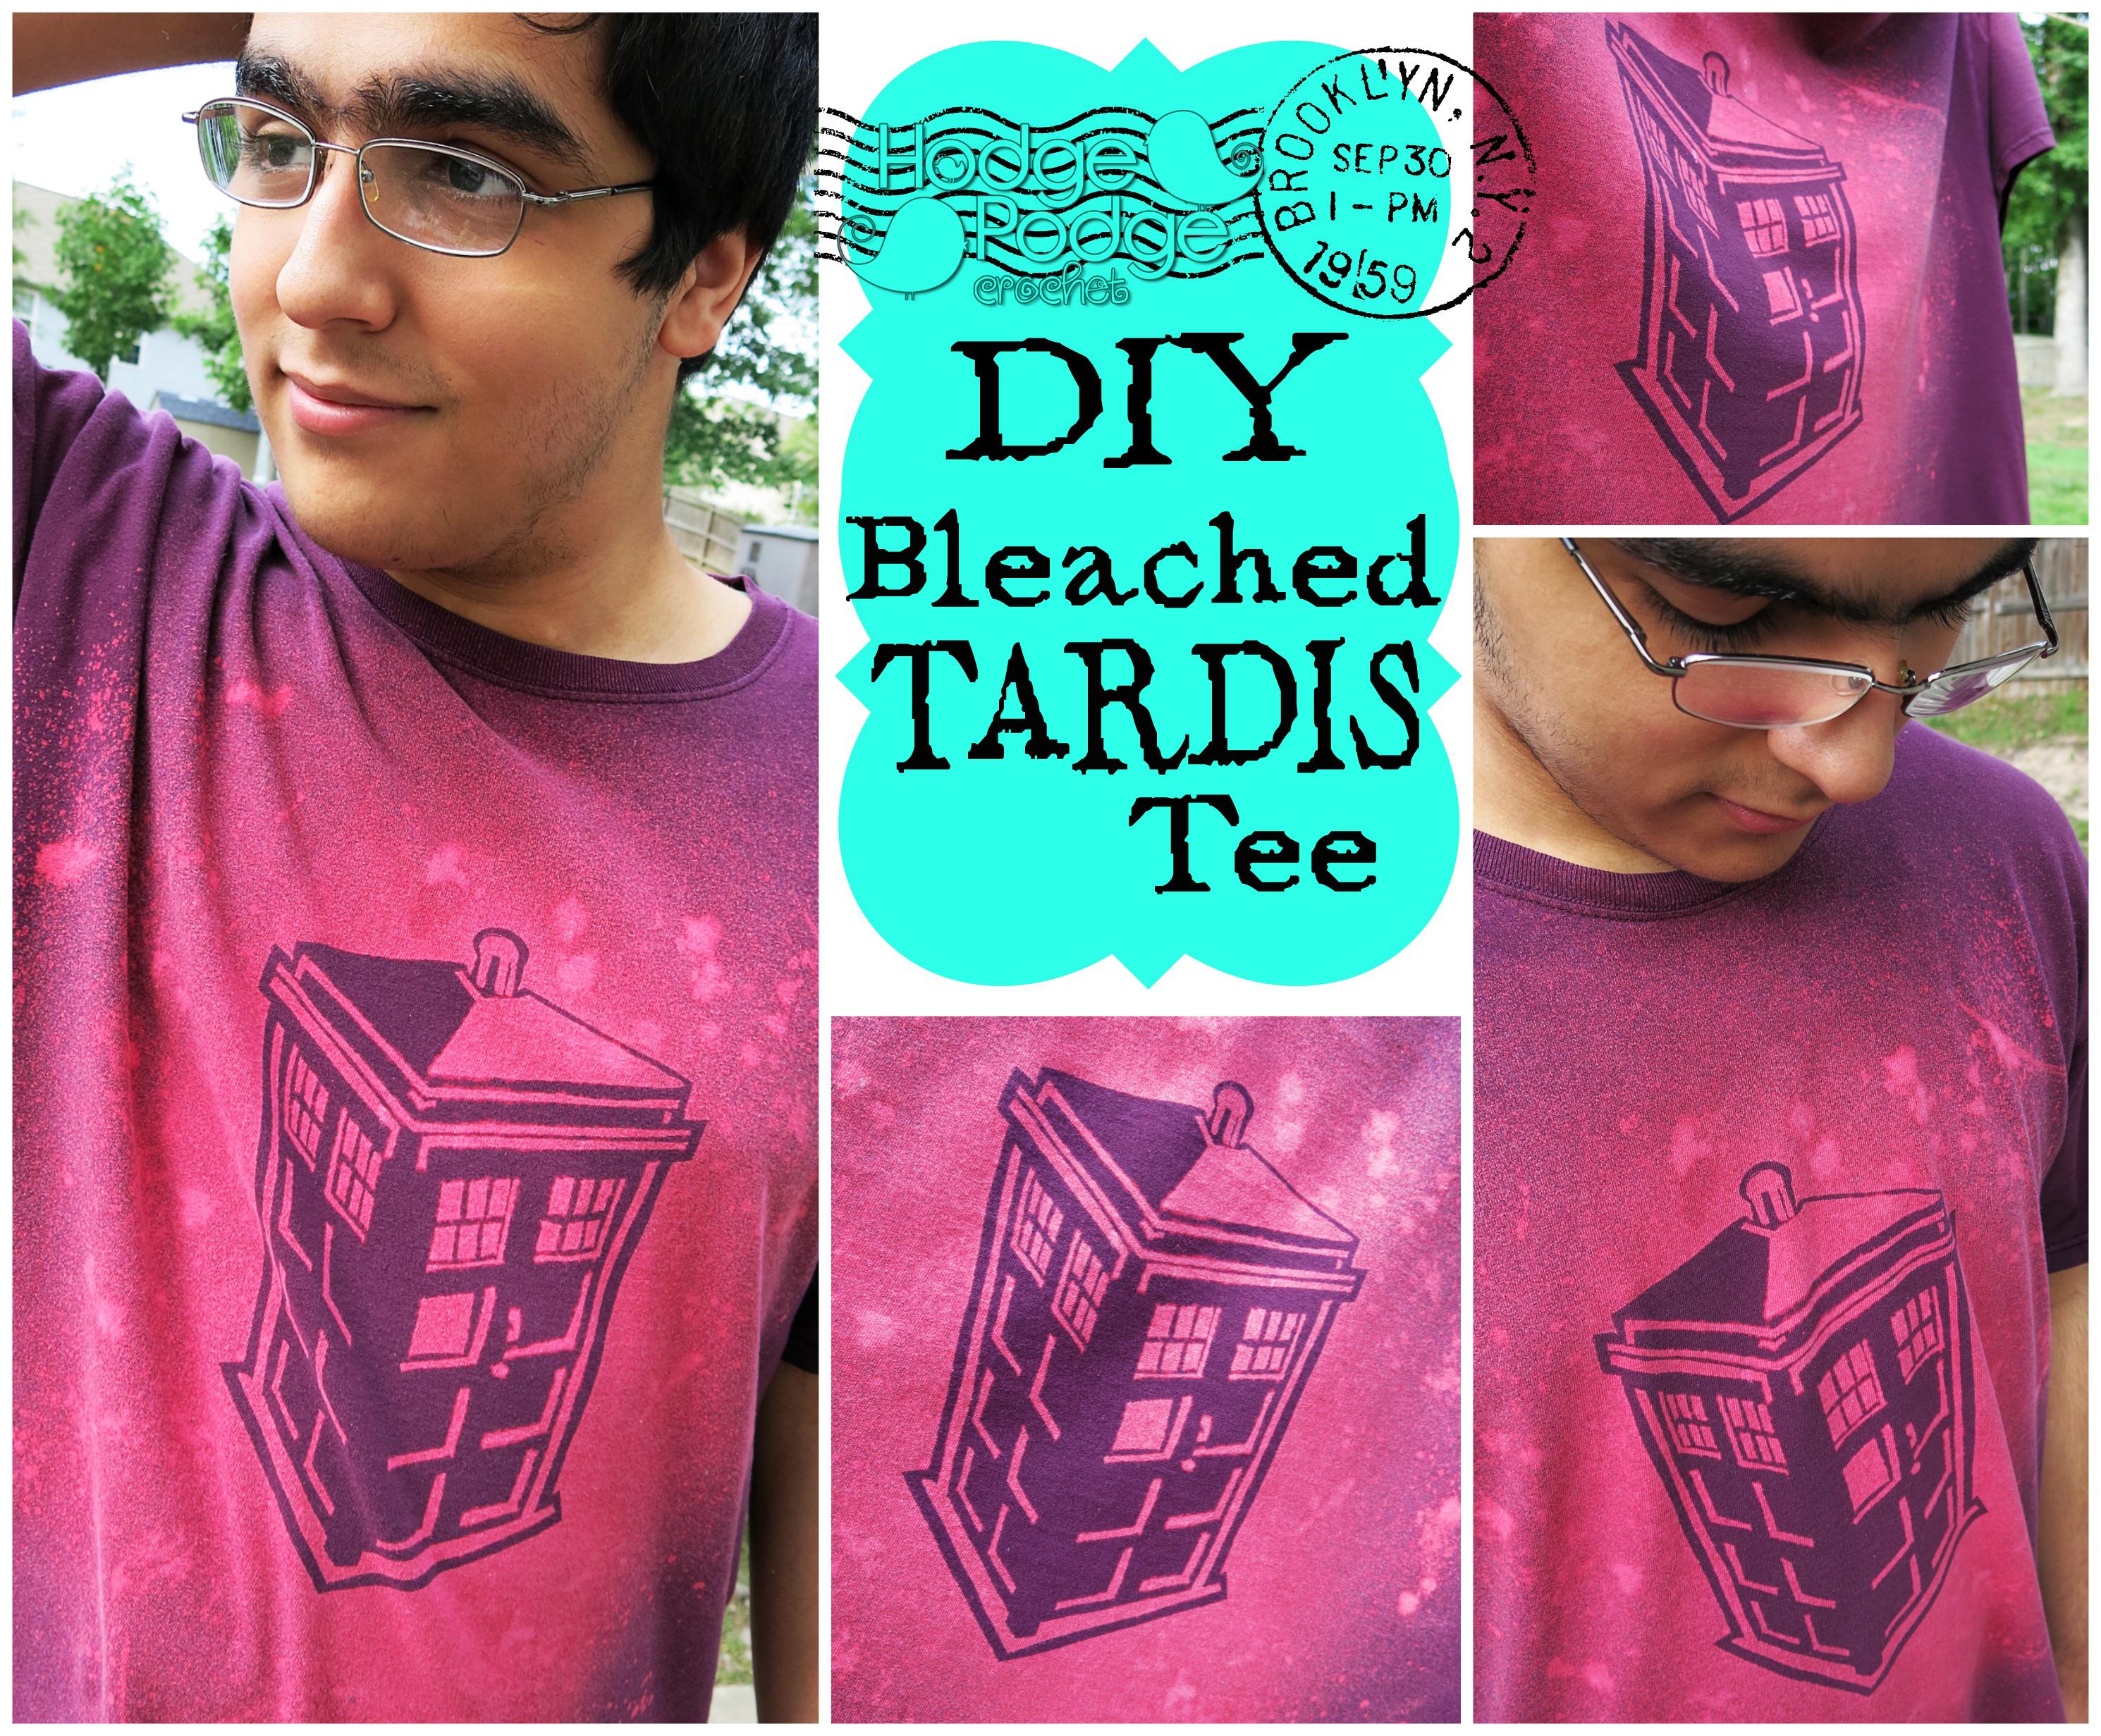 DIY Bleached TARDIS Tee